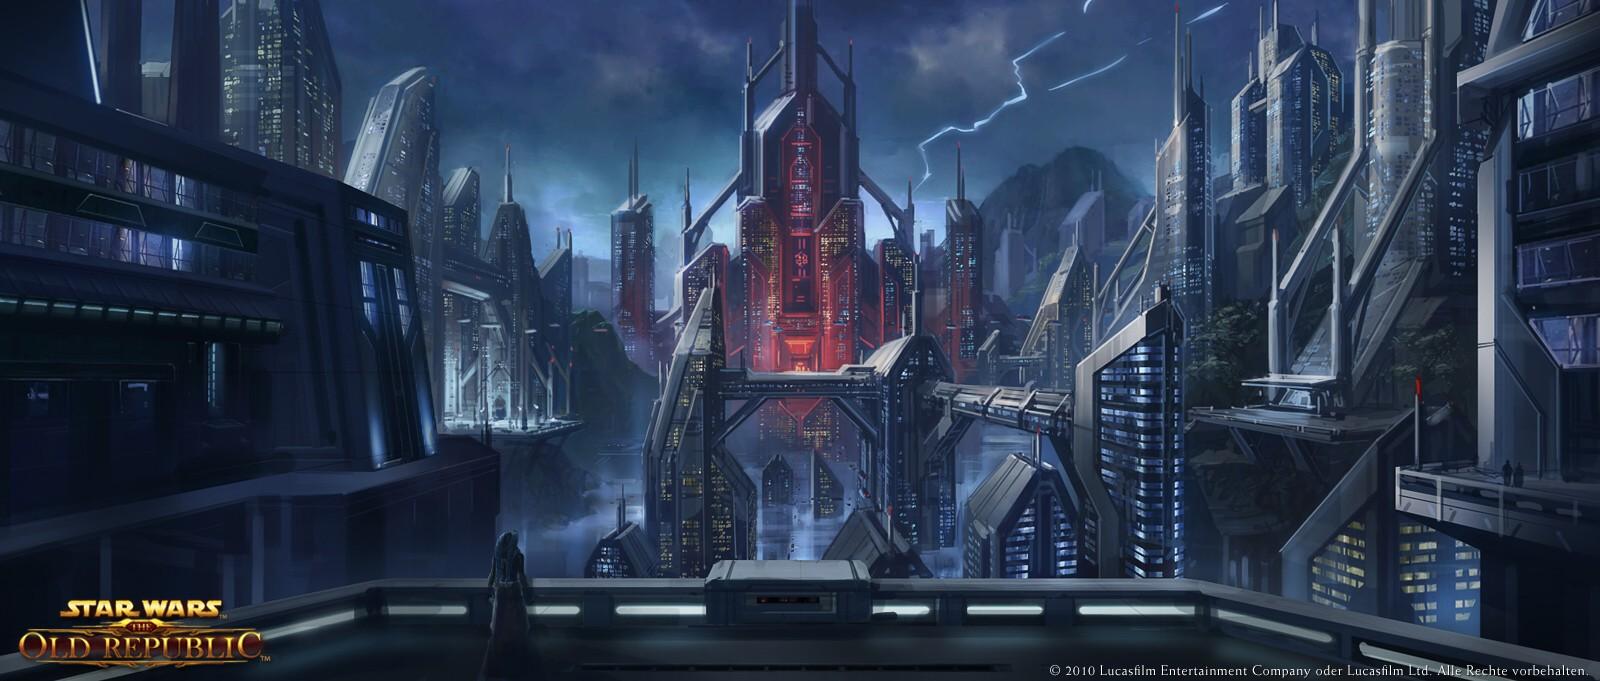 [Image: aw_20101022_001_dromund-kaas-kaas-city2.jpg]